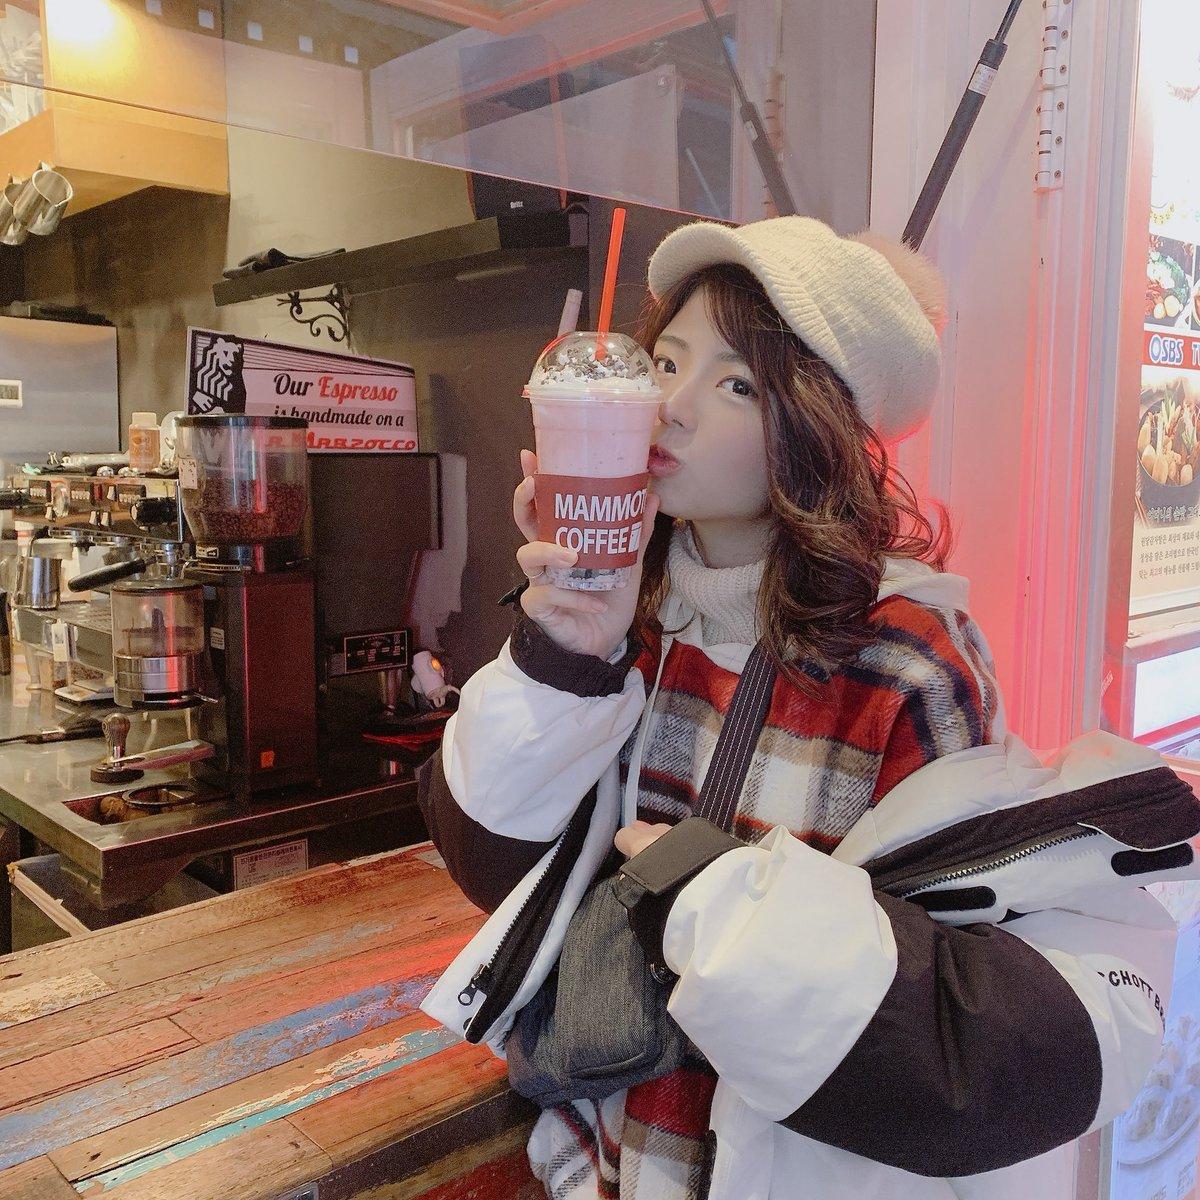 韓国は寒いよ#明洞 #明洞カフェ #明洞ドリンク #travel #travelkorea #myongdongpic.twitter.com/09TXuNLDE4